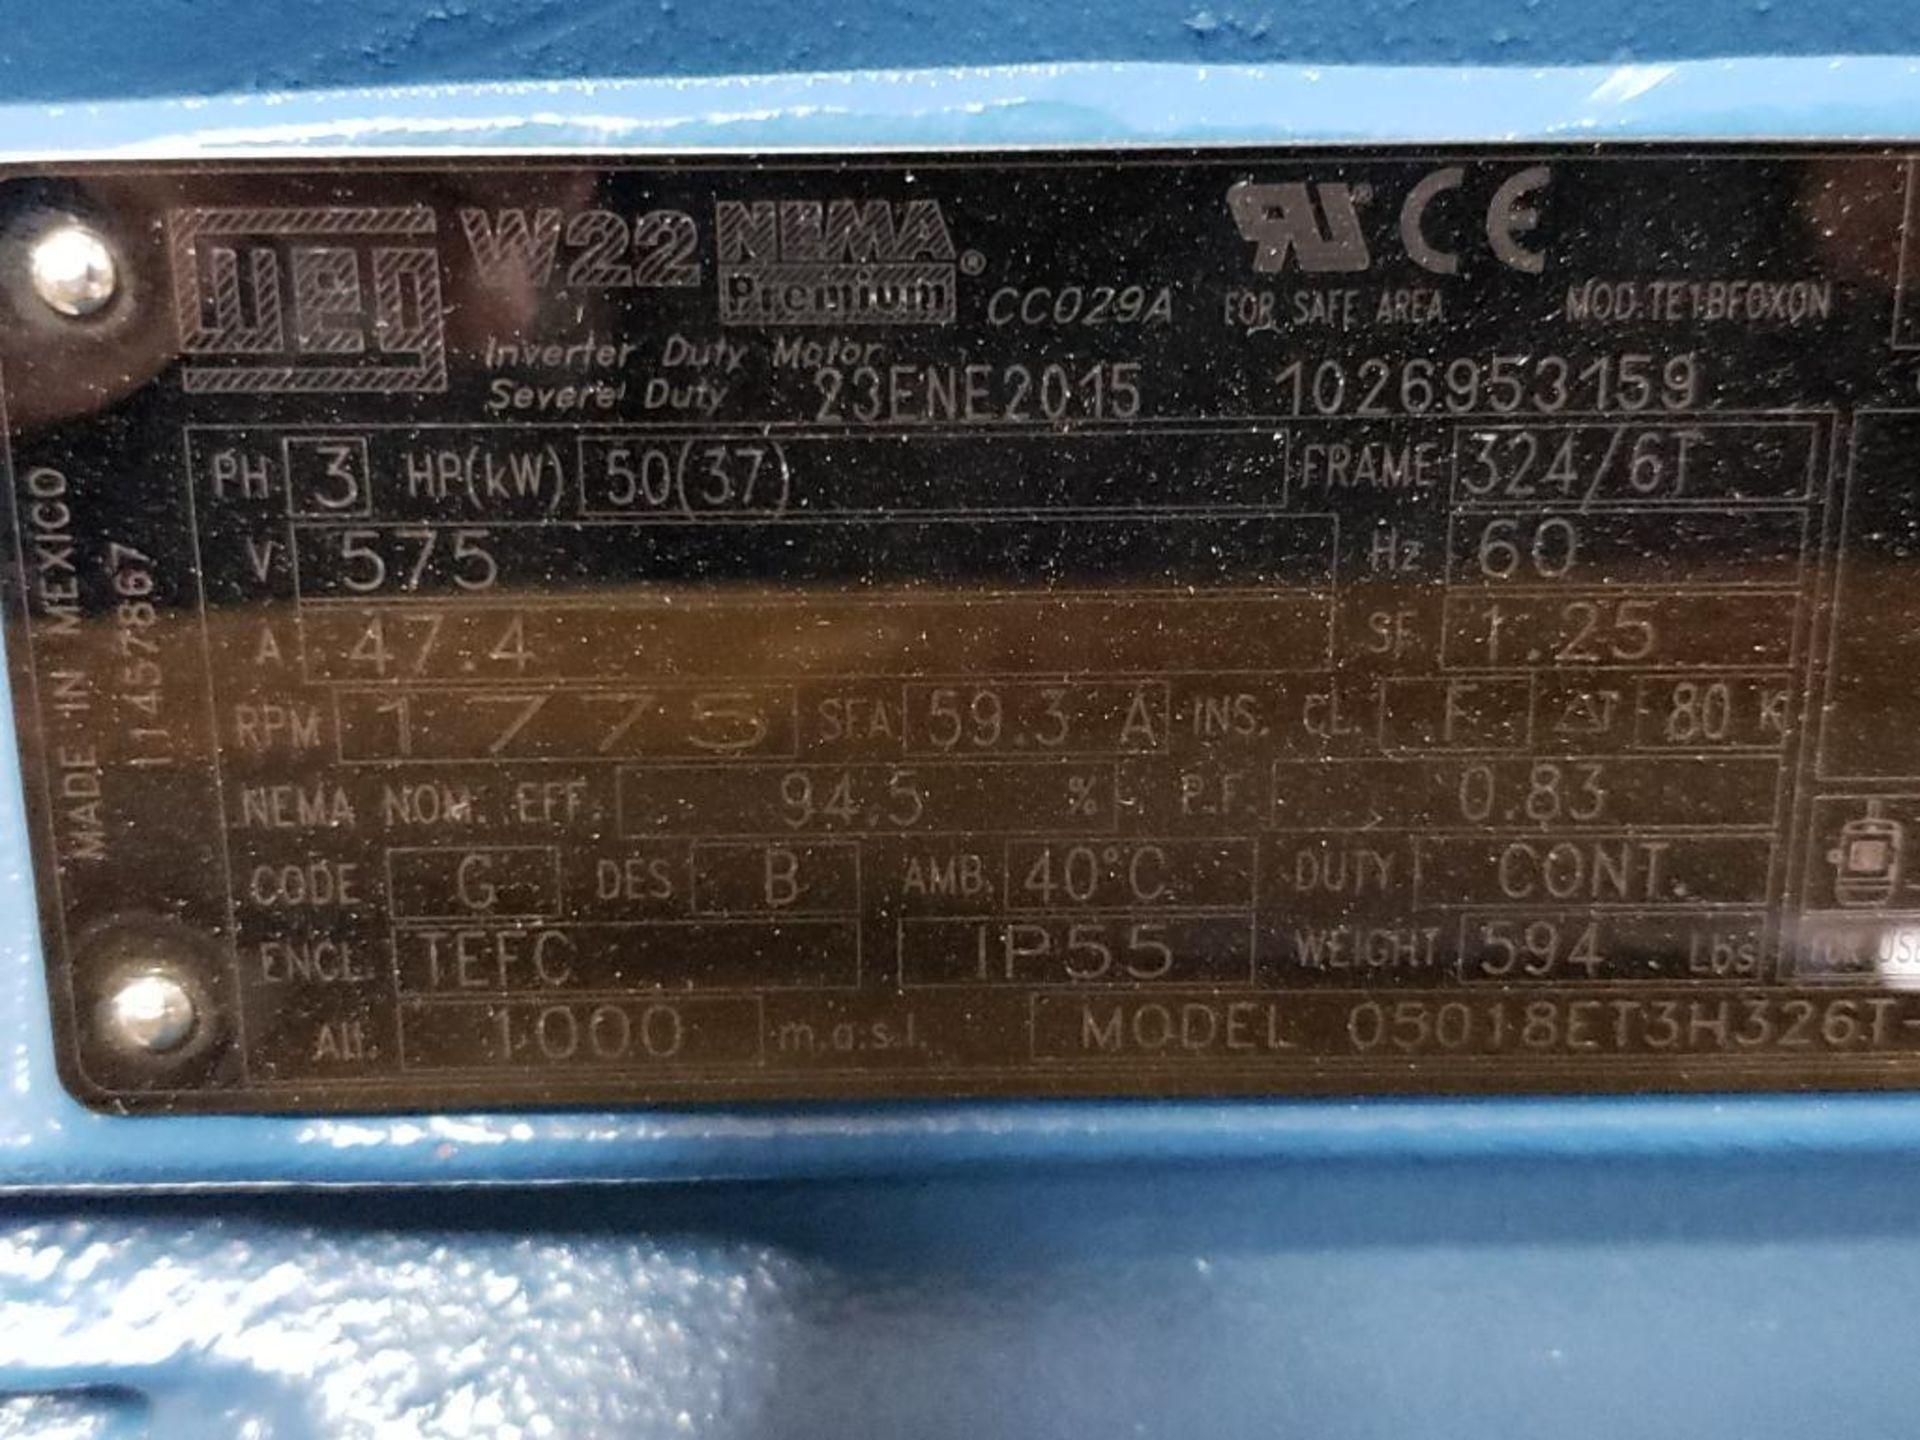 50HP WEG 3PH Inverter Duty Motor. 23ENE2015. 575V, 1775RPM, 324/6T-Frame. - Image 3 of 8